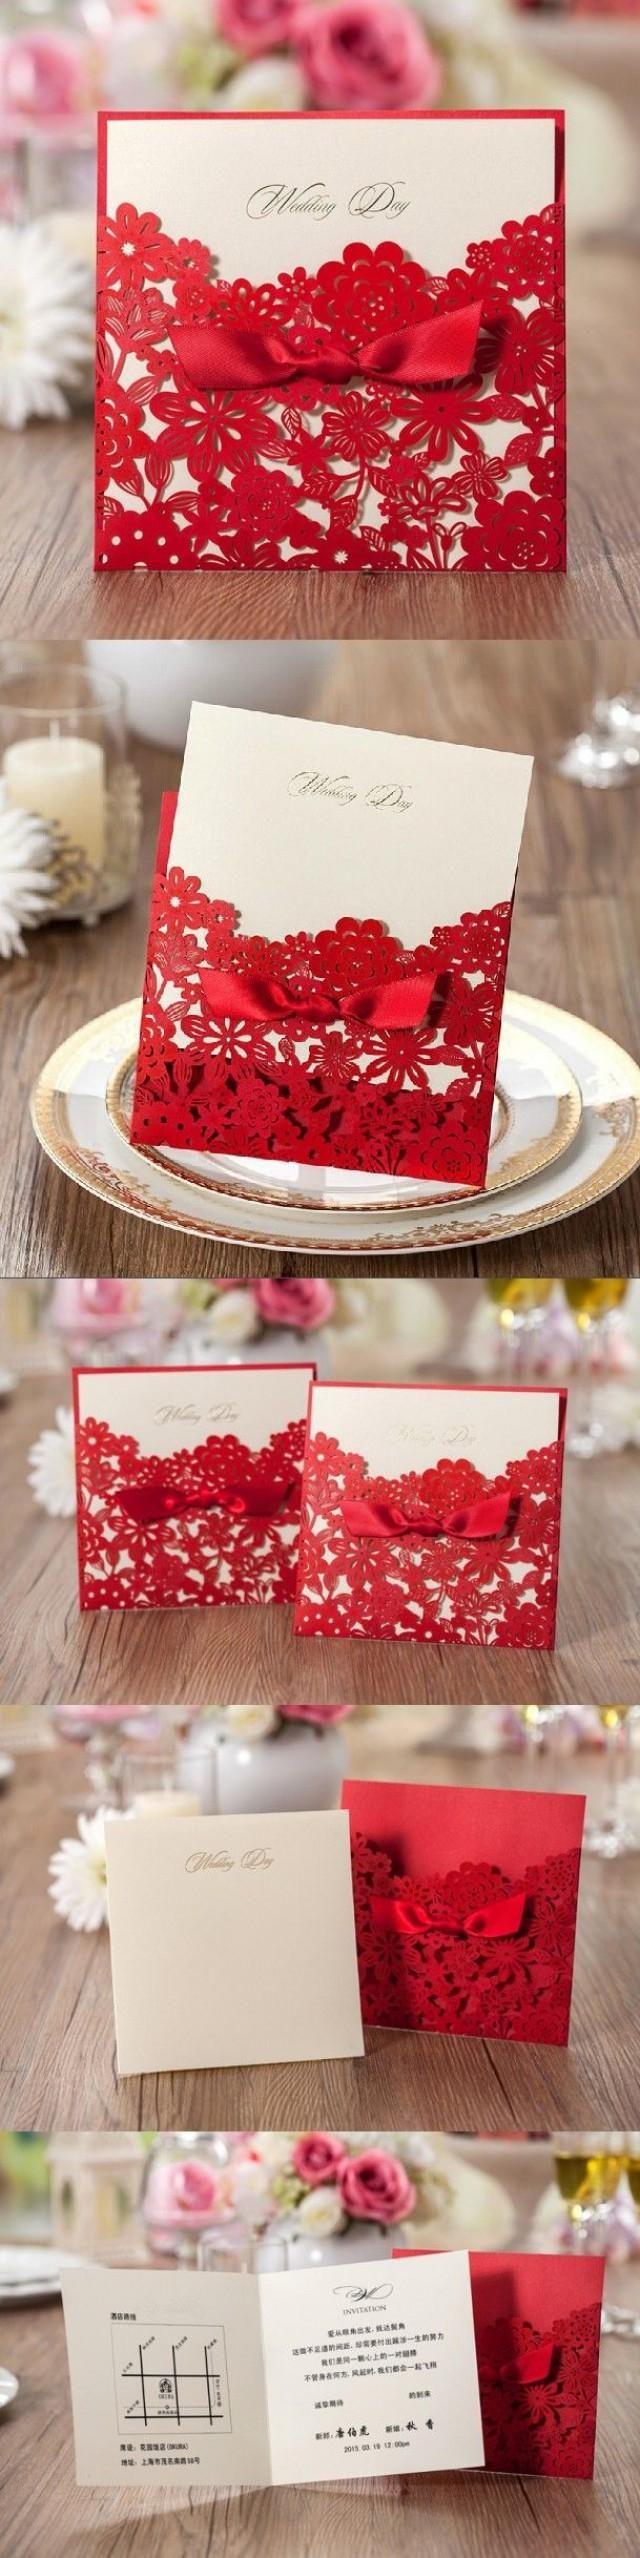 15 best Tarjetas images on Pinterest | Invitation ideas, Wedding ...